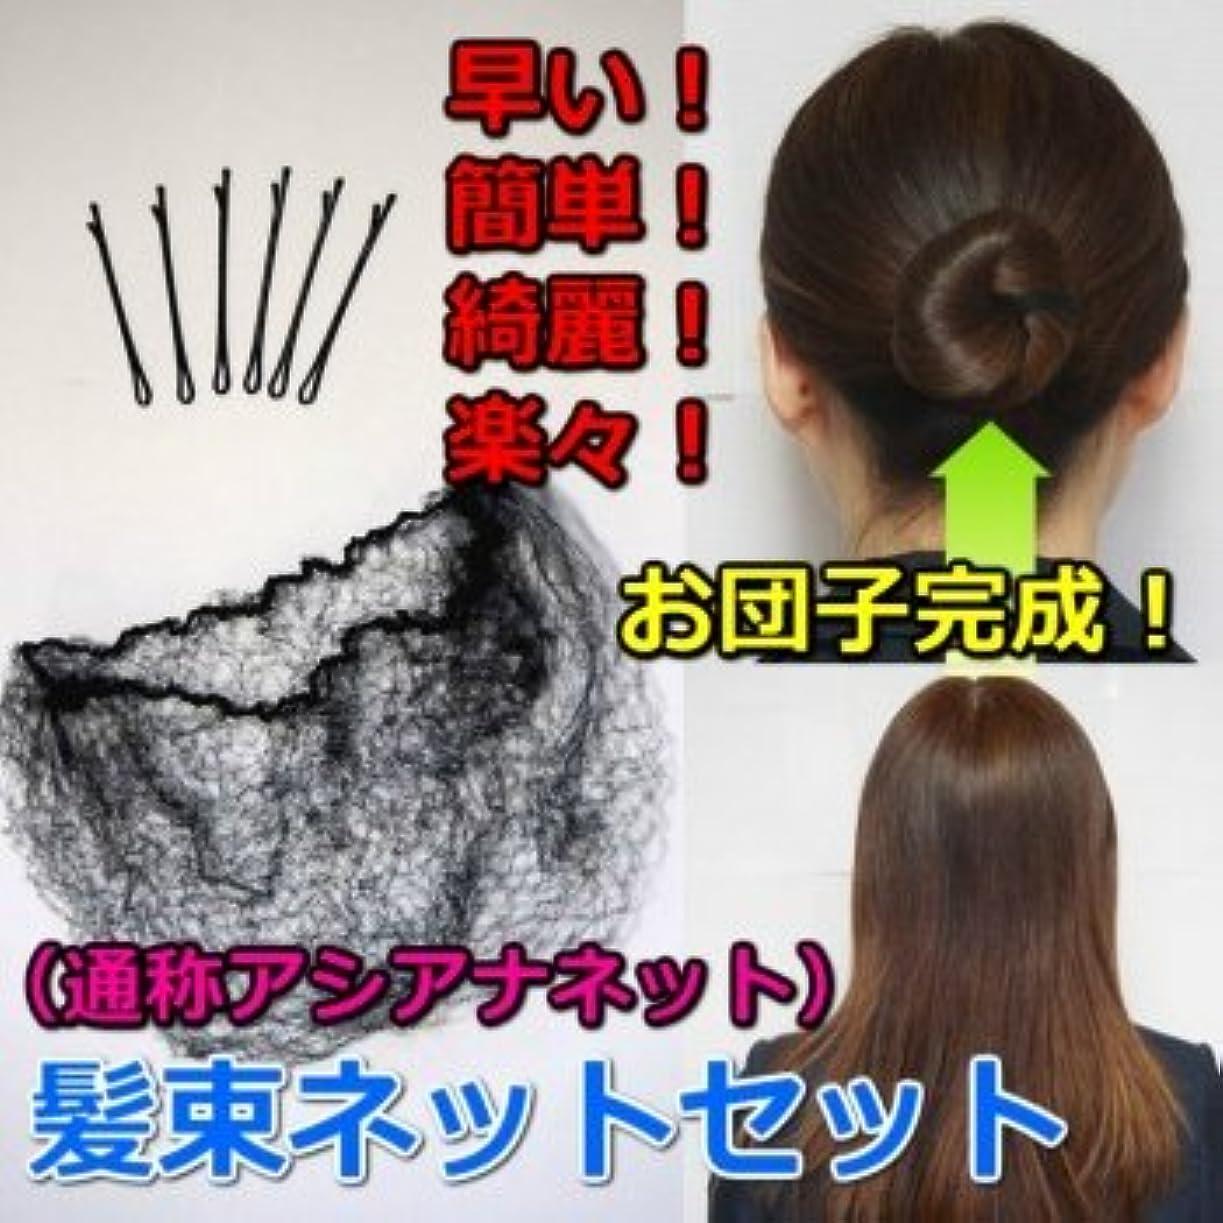 枯渇テクニカルタクシー髪束ねネットセット(アシアナネット) 50枚セット